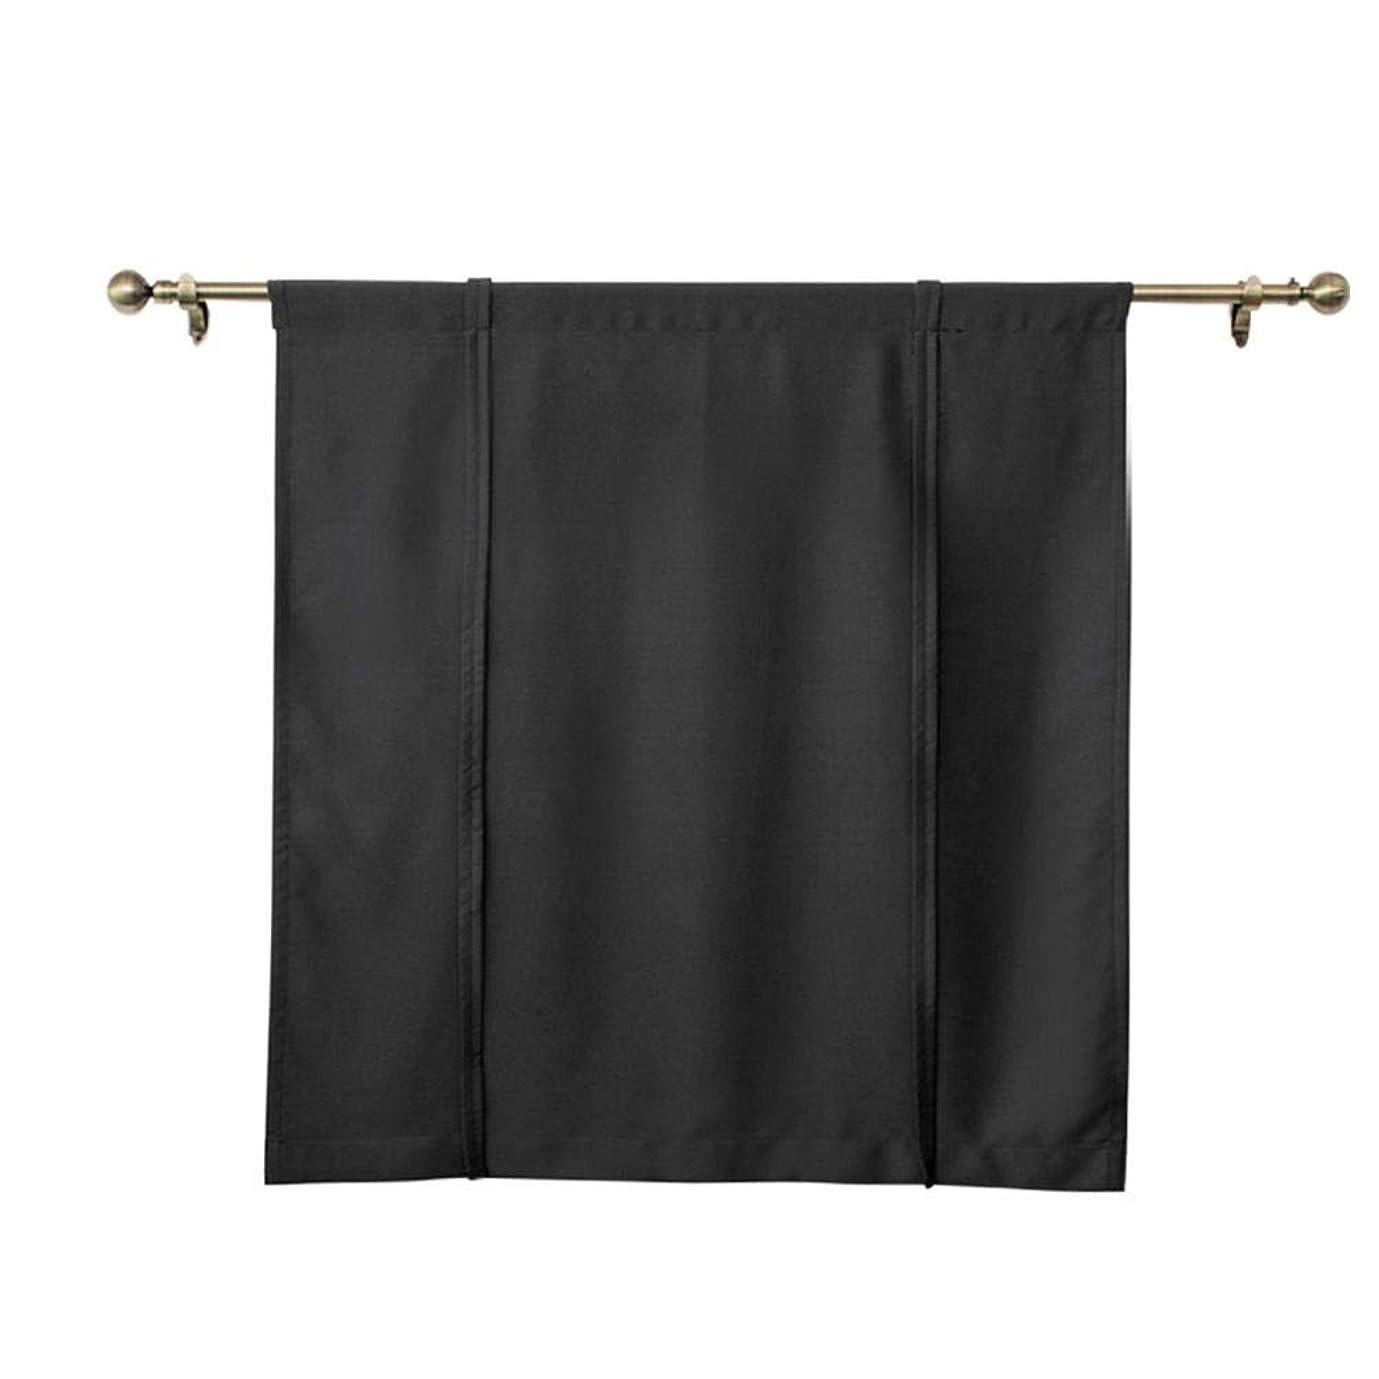 追跡干ばつ威信カーテン 遮光カーテン 遮光のれん ポリエステル製 ローマ式 昇降可能 シンプル 無地 1級遮光 UVカット 断熱 防音 節電 省エネ 昼夜目隠し 洗える ブラック/グレー2色4サイズから選べる